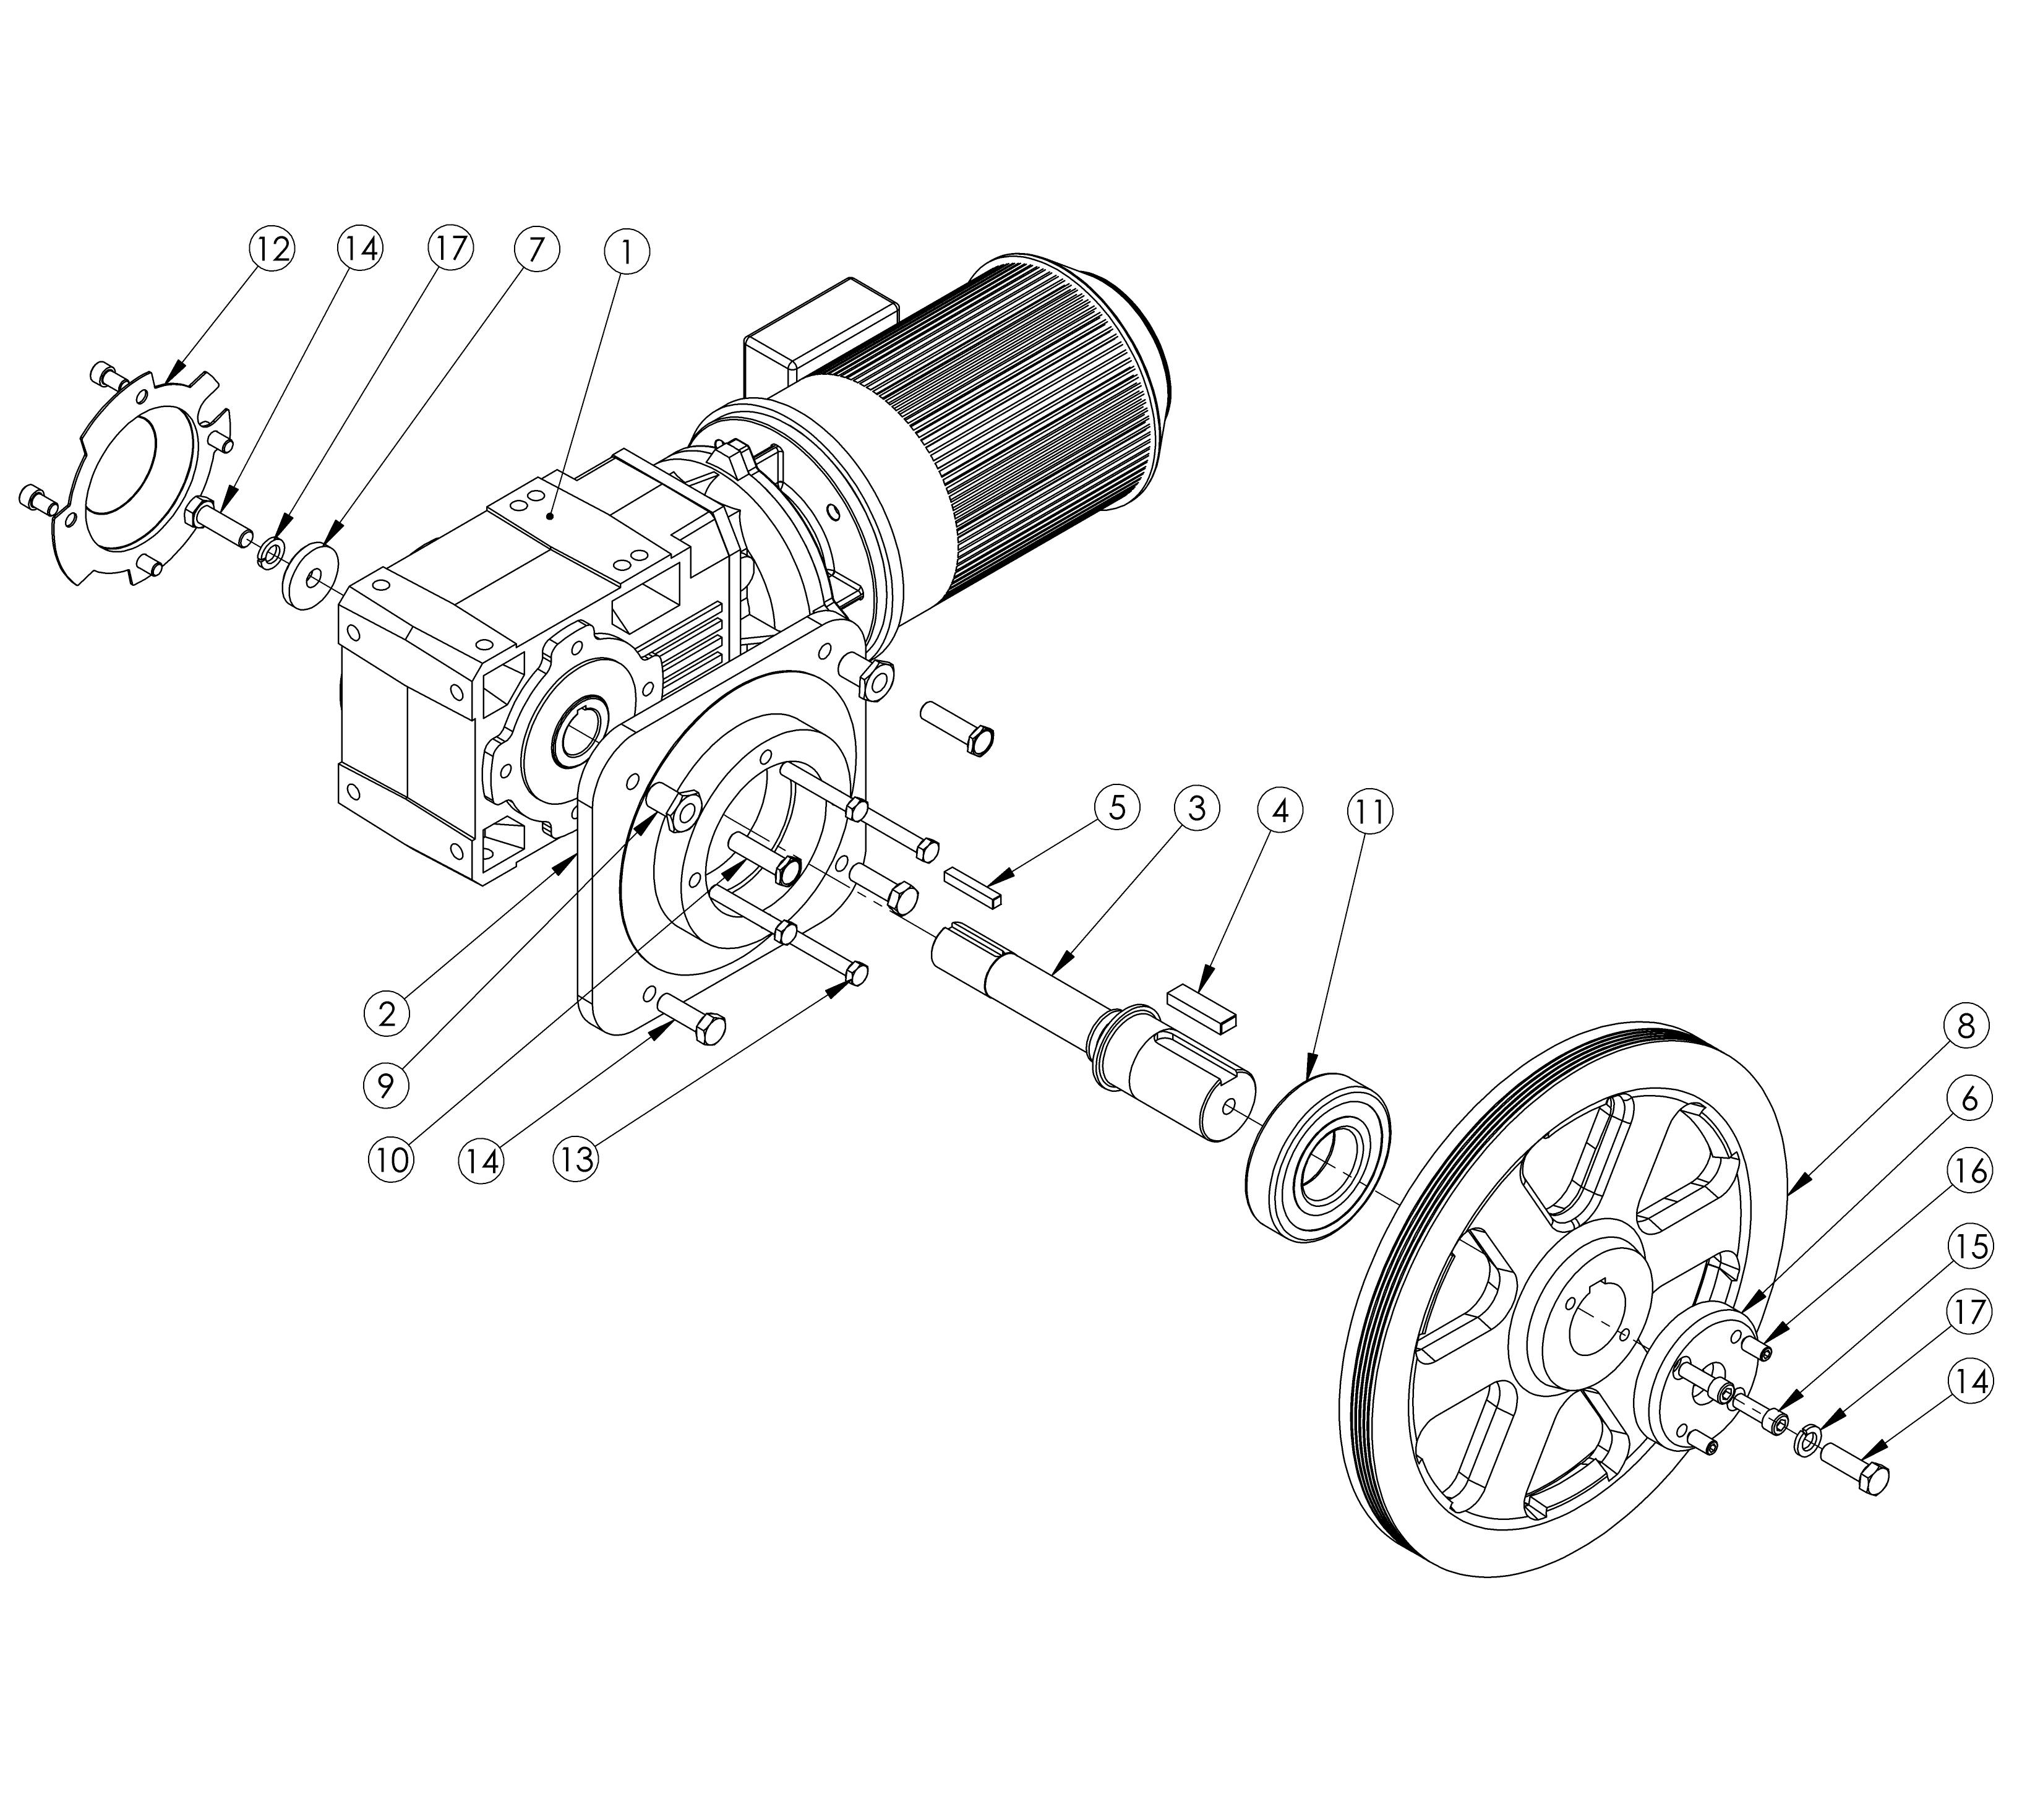 3269x2942 A412 Gear Box Kit